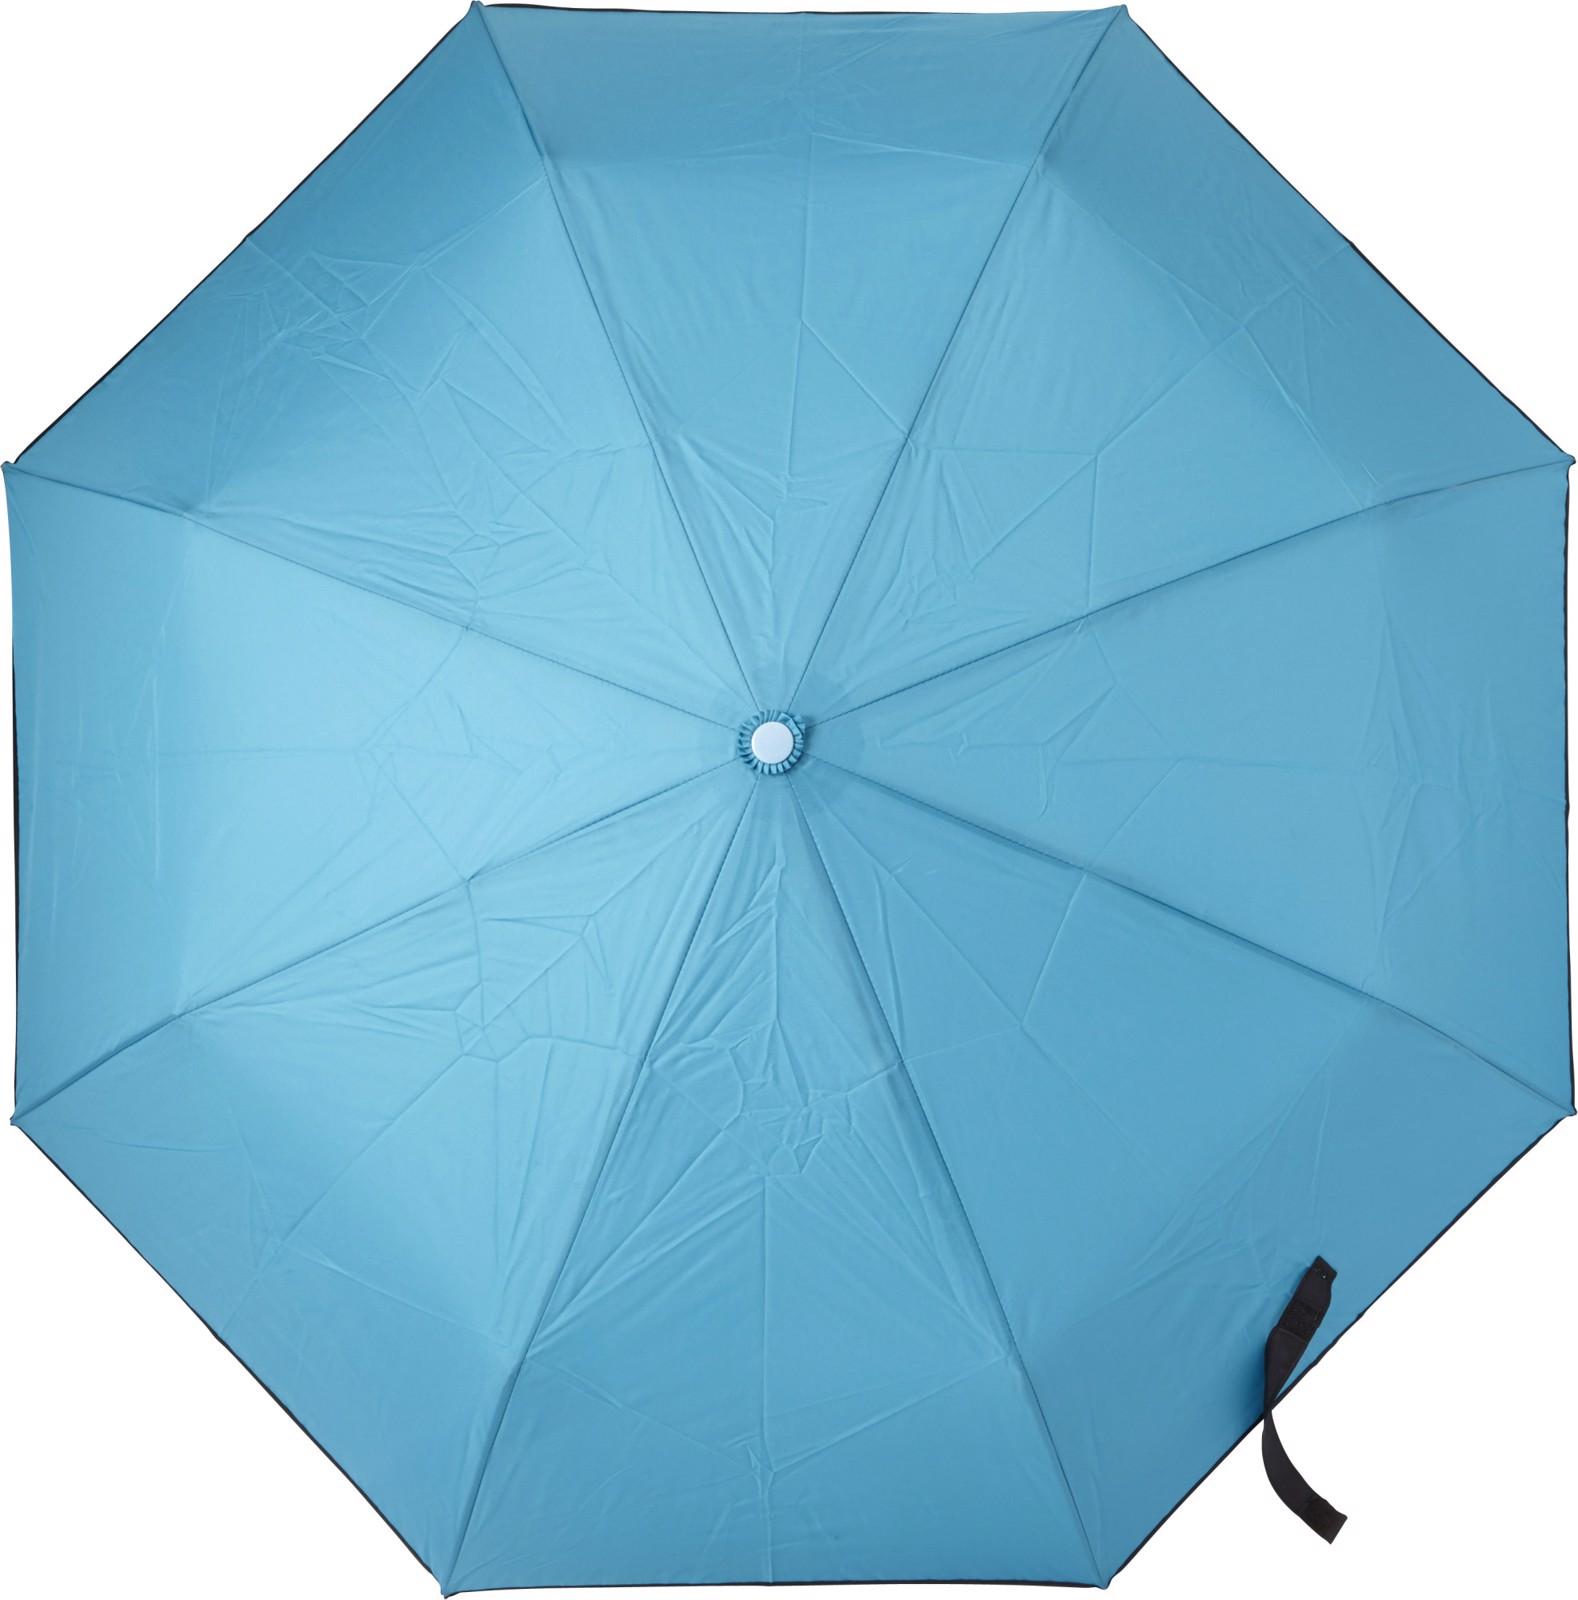 Pongee umbrella - Light Blue